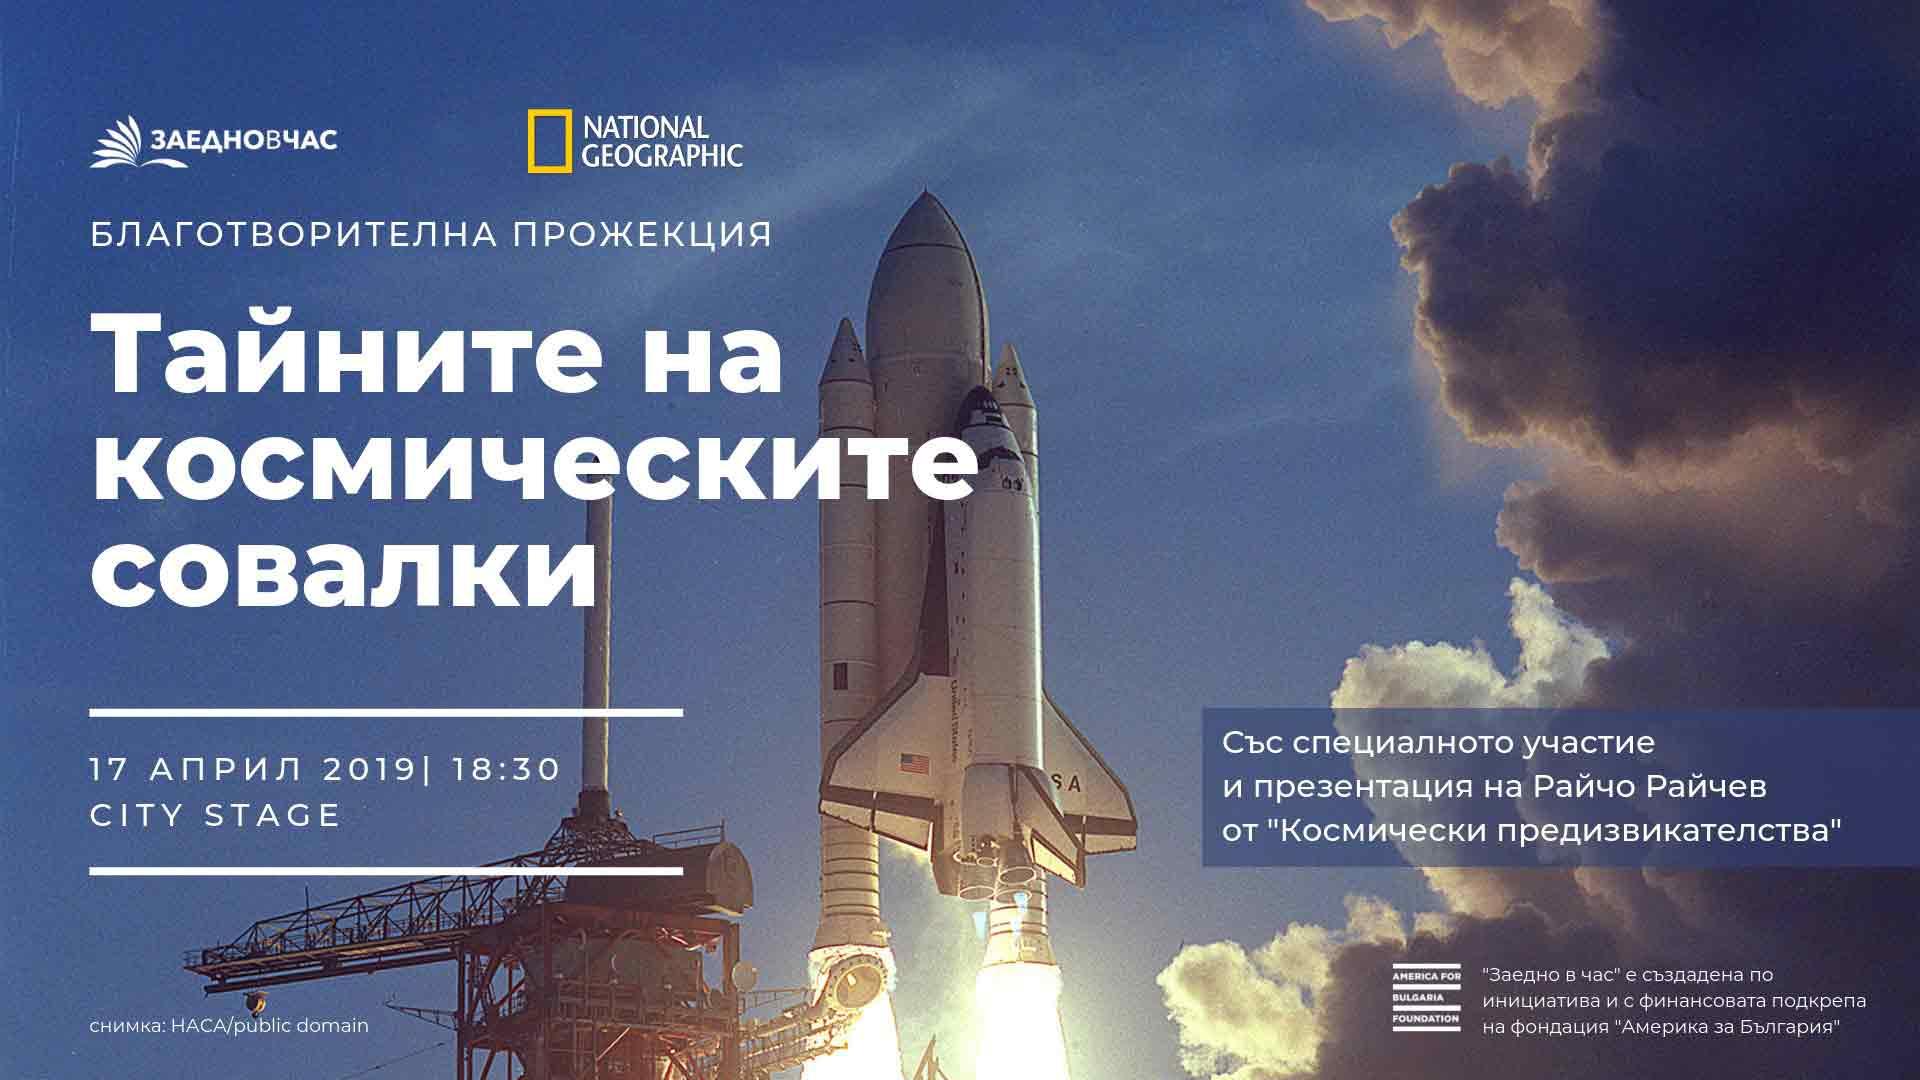 17 април 2019 г. 18:30 ч. City Stage | Тайните на космическите совалки